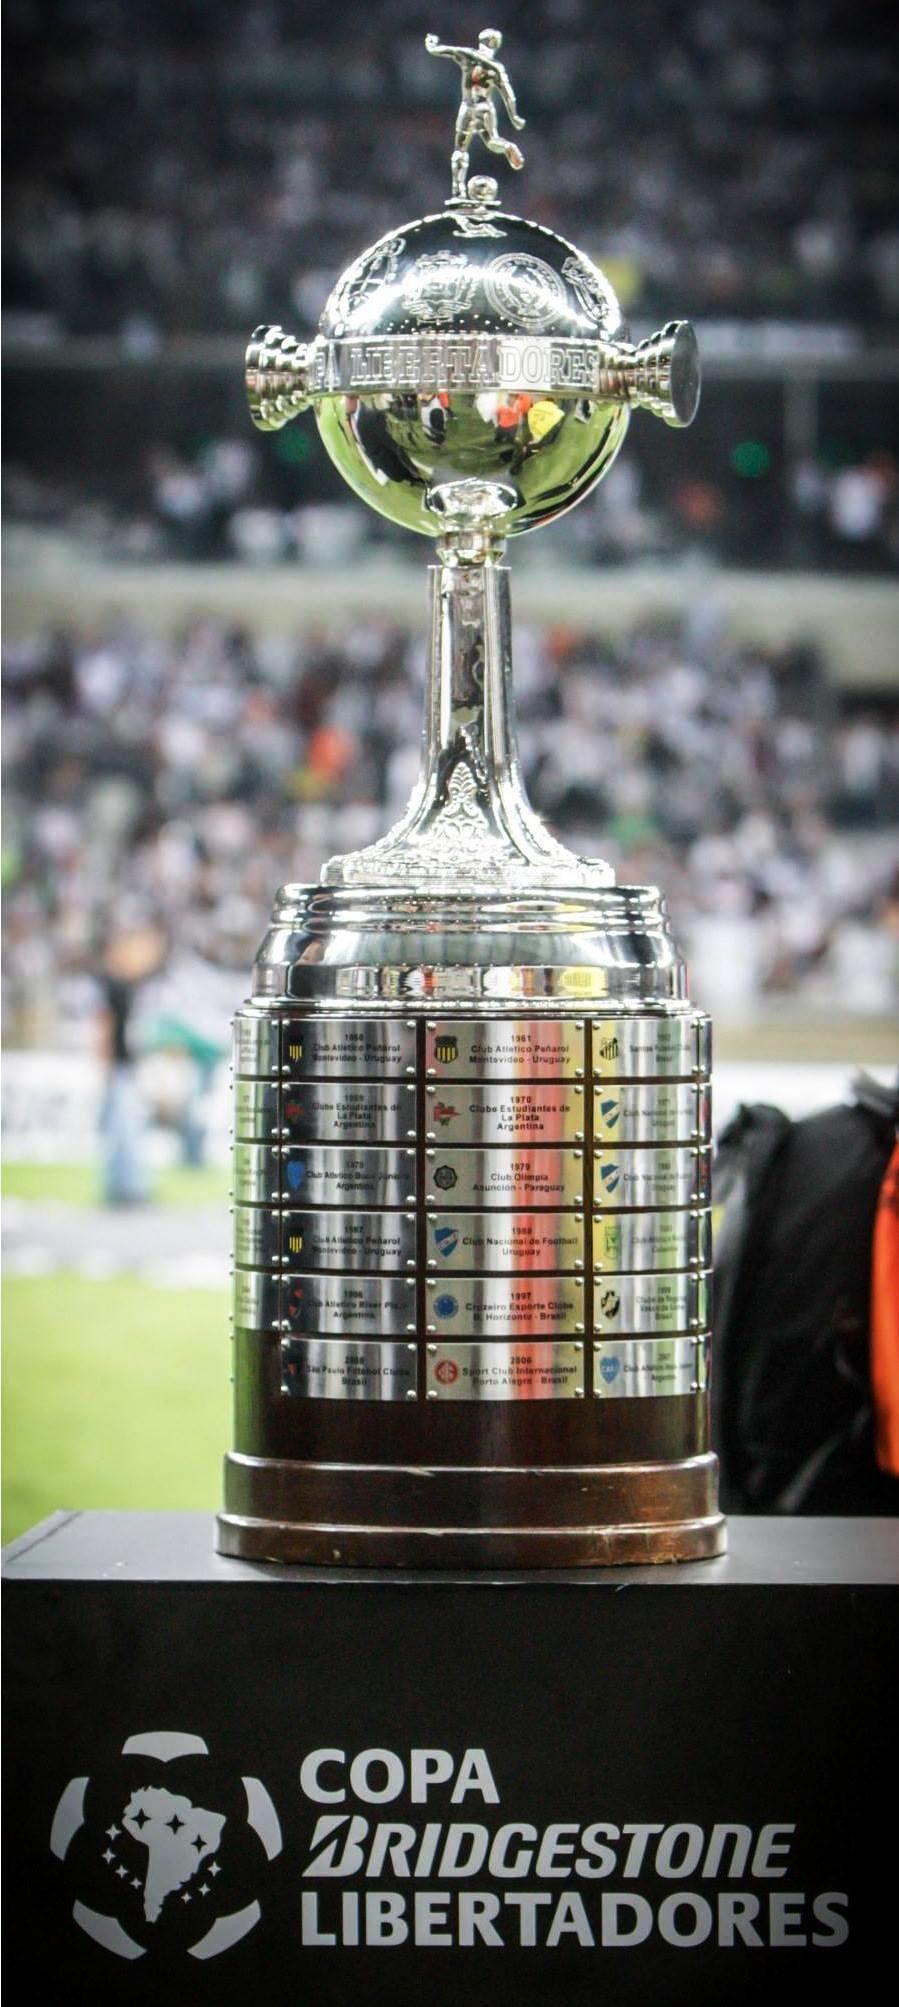 copa libertadores - photo #1